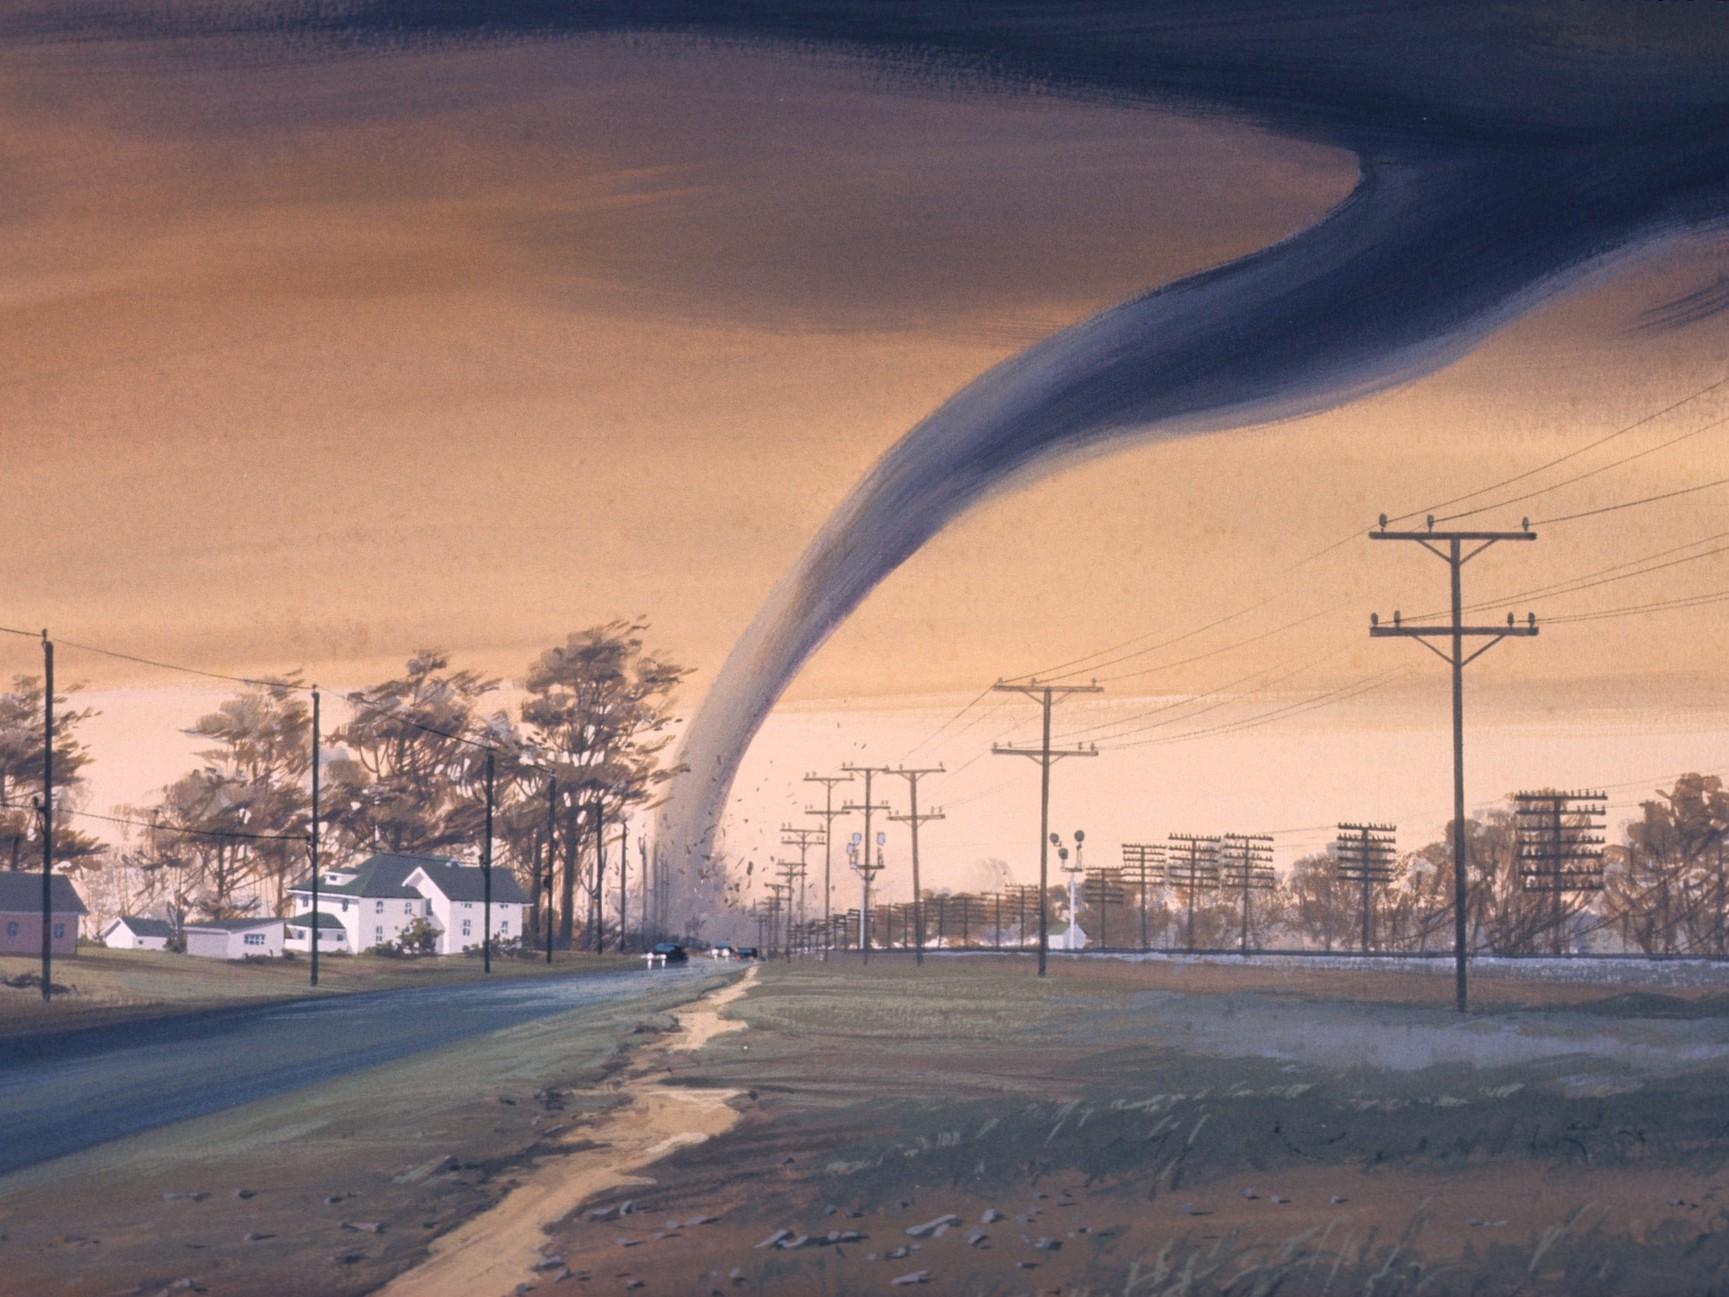 Hablando de catástrofes naturales